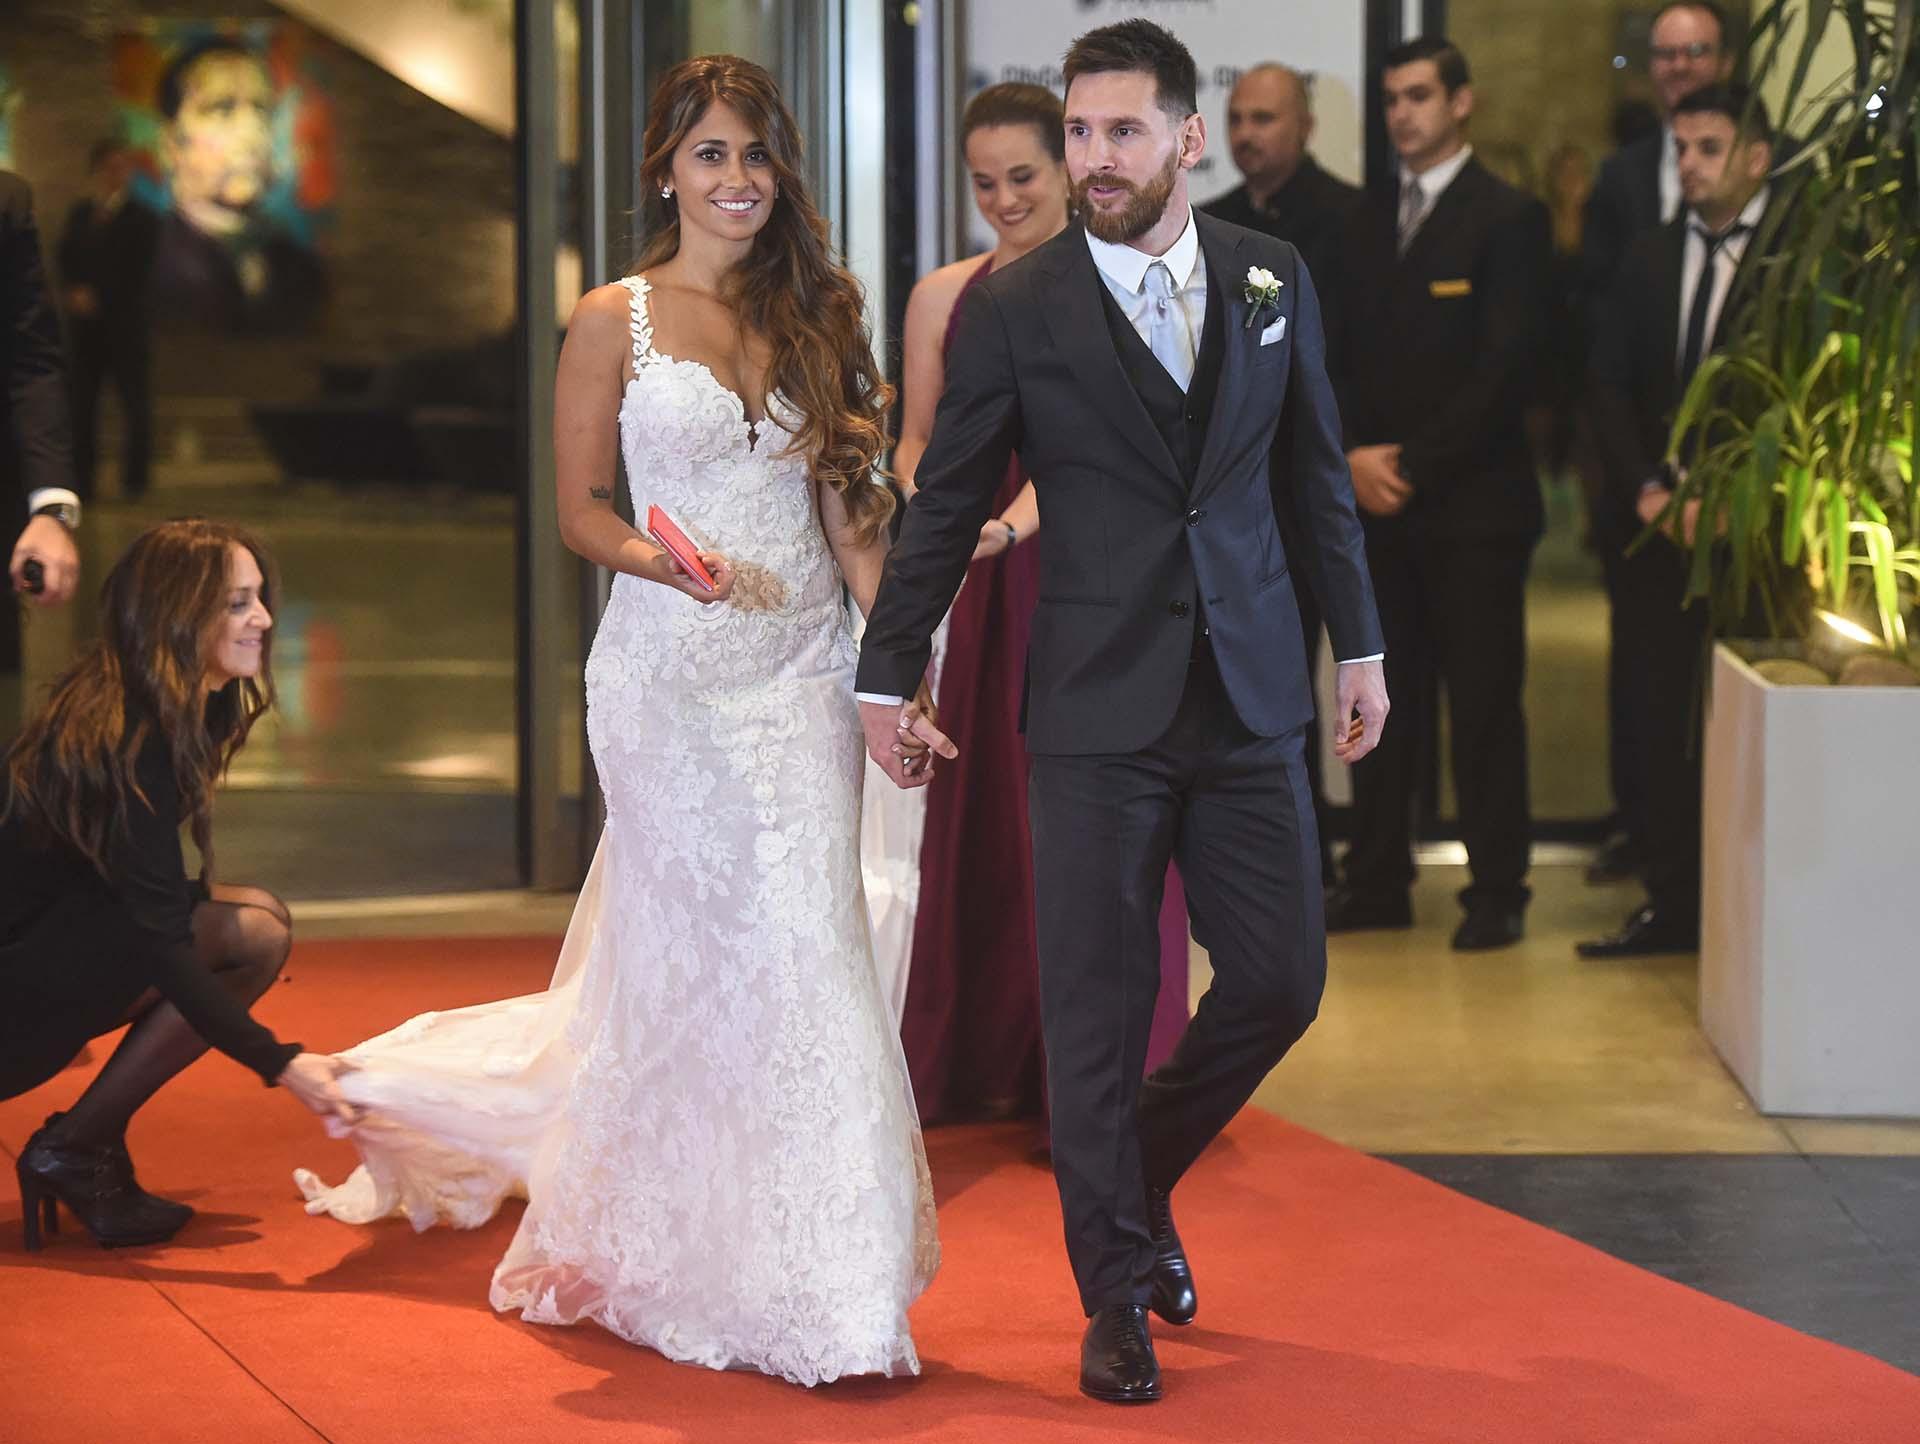 La estrella del fútbol mundial y su pareja de casi toda la vida no pidieron regalos para ellos a los invitados, sino donaciones a la Fundación Techo